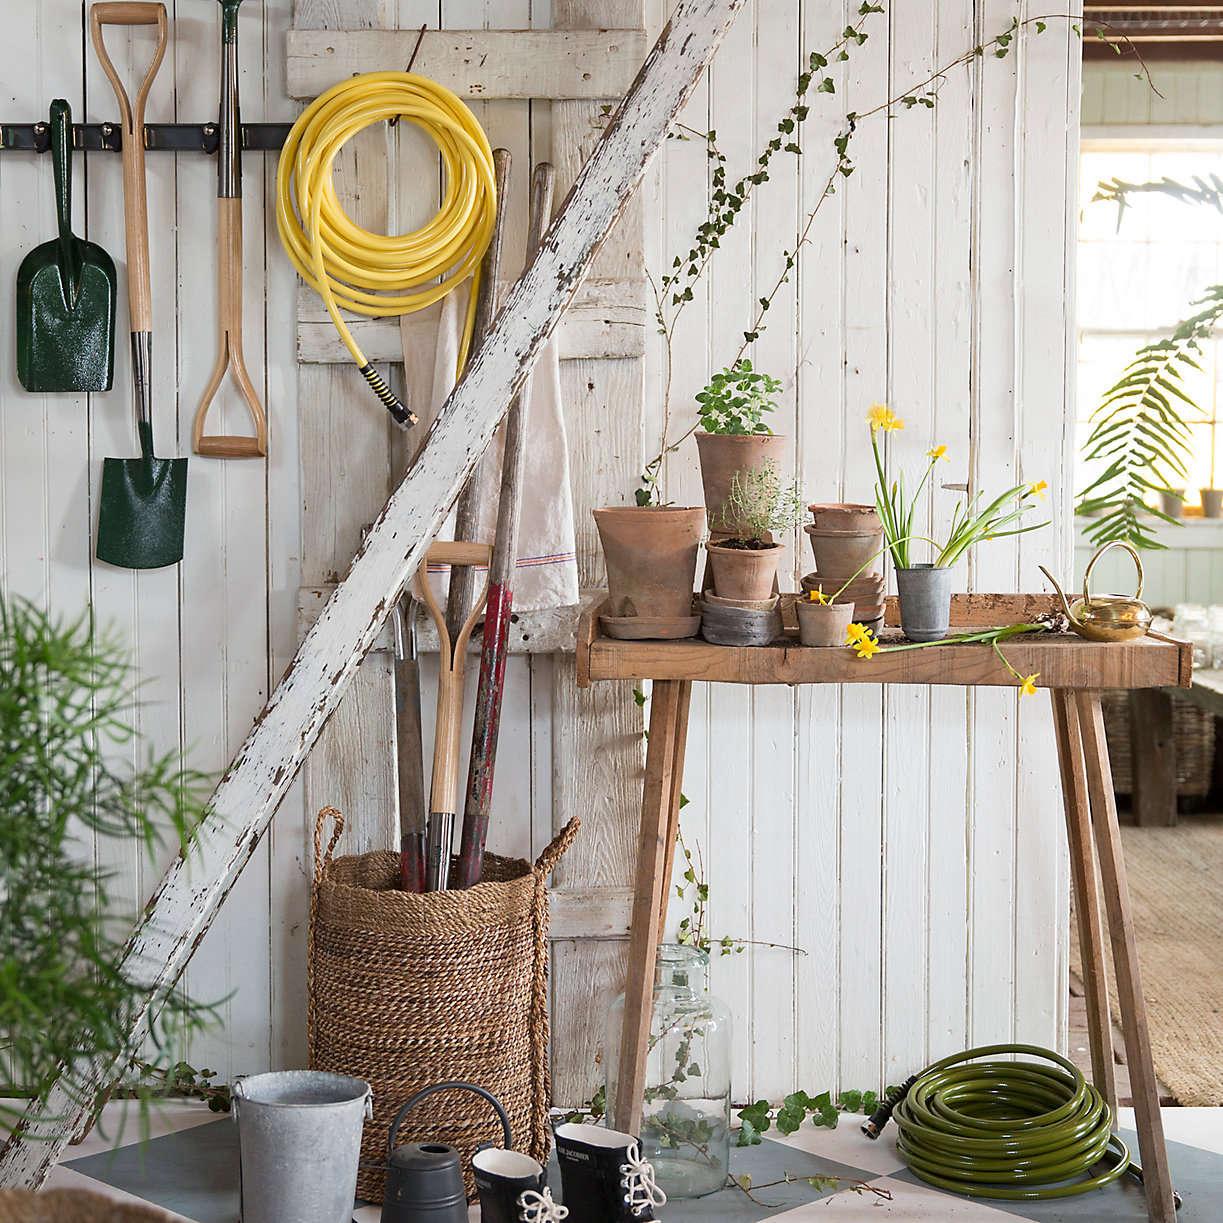 terrain-heritage-garden-hose-other-tools-gardenista